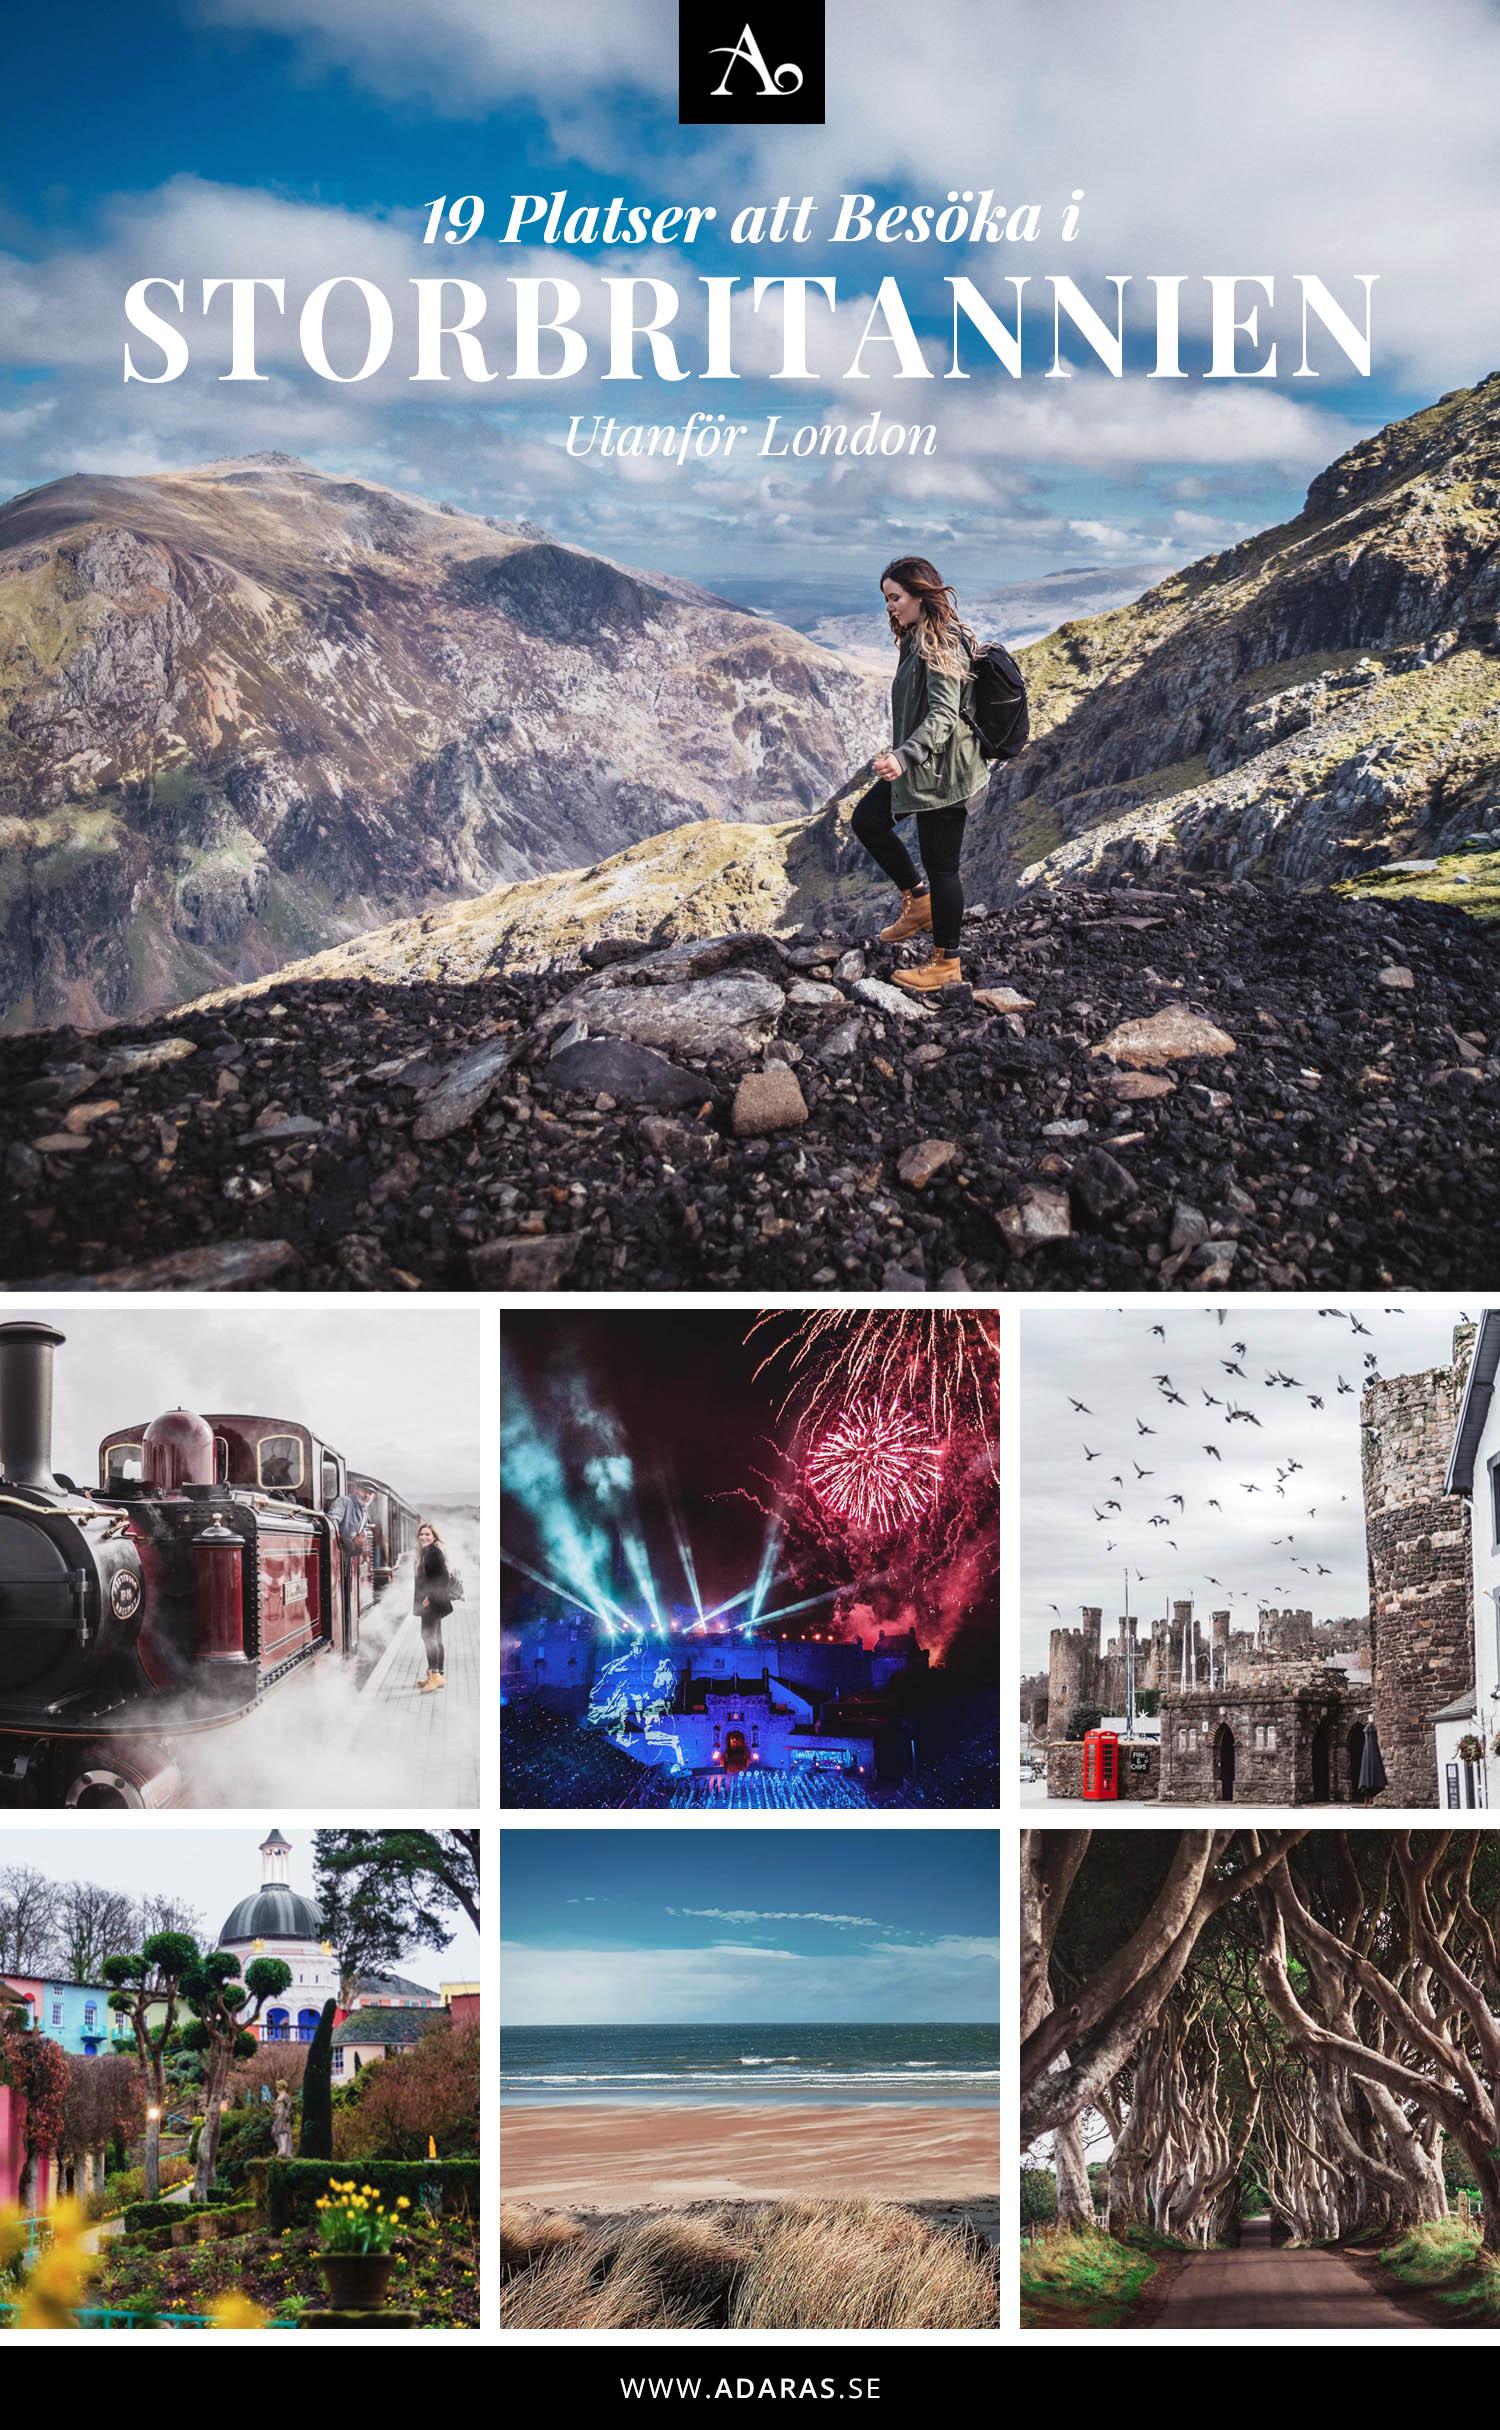 ADARAS Topp 19 Platser att besöka i Storbritannien